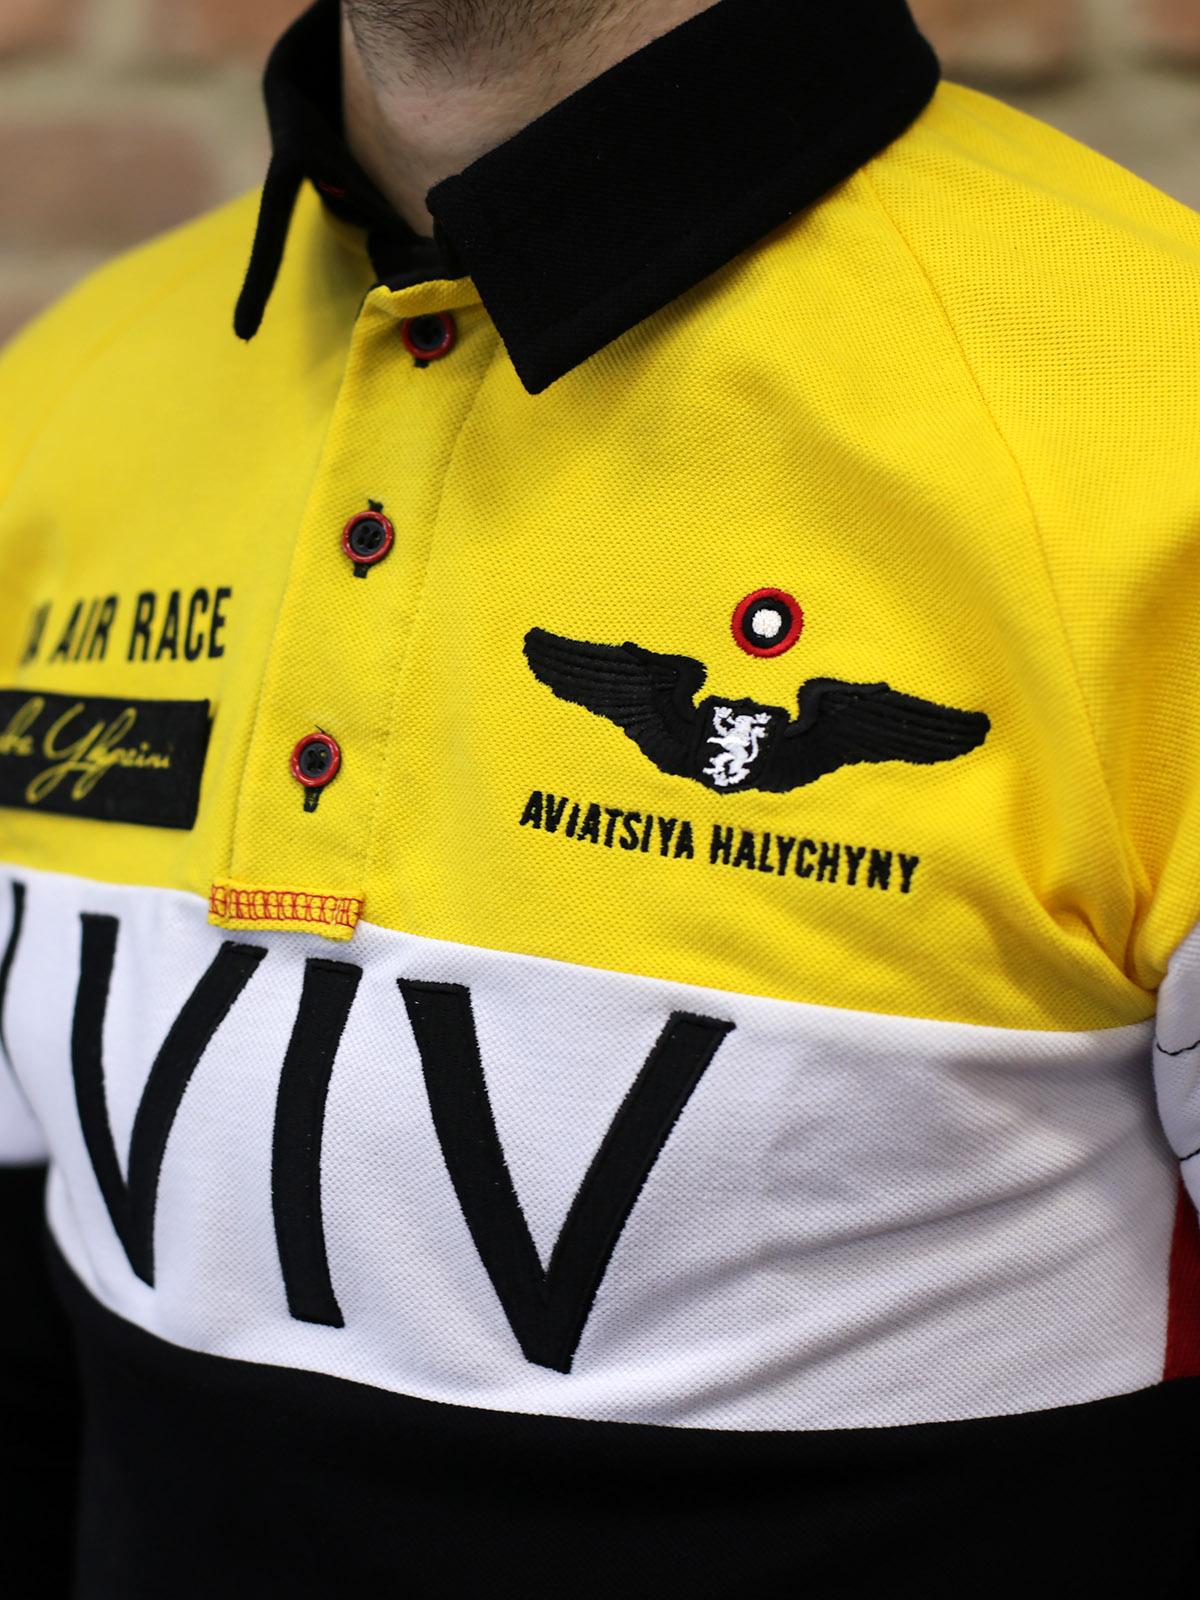 Чоловіче Поло-Лонґ Air Race Lviv Реглан. Колір чорний. Цей продукт наявний В ОСТАННІХ ЕКЗЕПЛЯРАХ і більше ВИГОТОВЛЯТИСЬ НЕ БУДЕ.